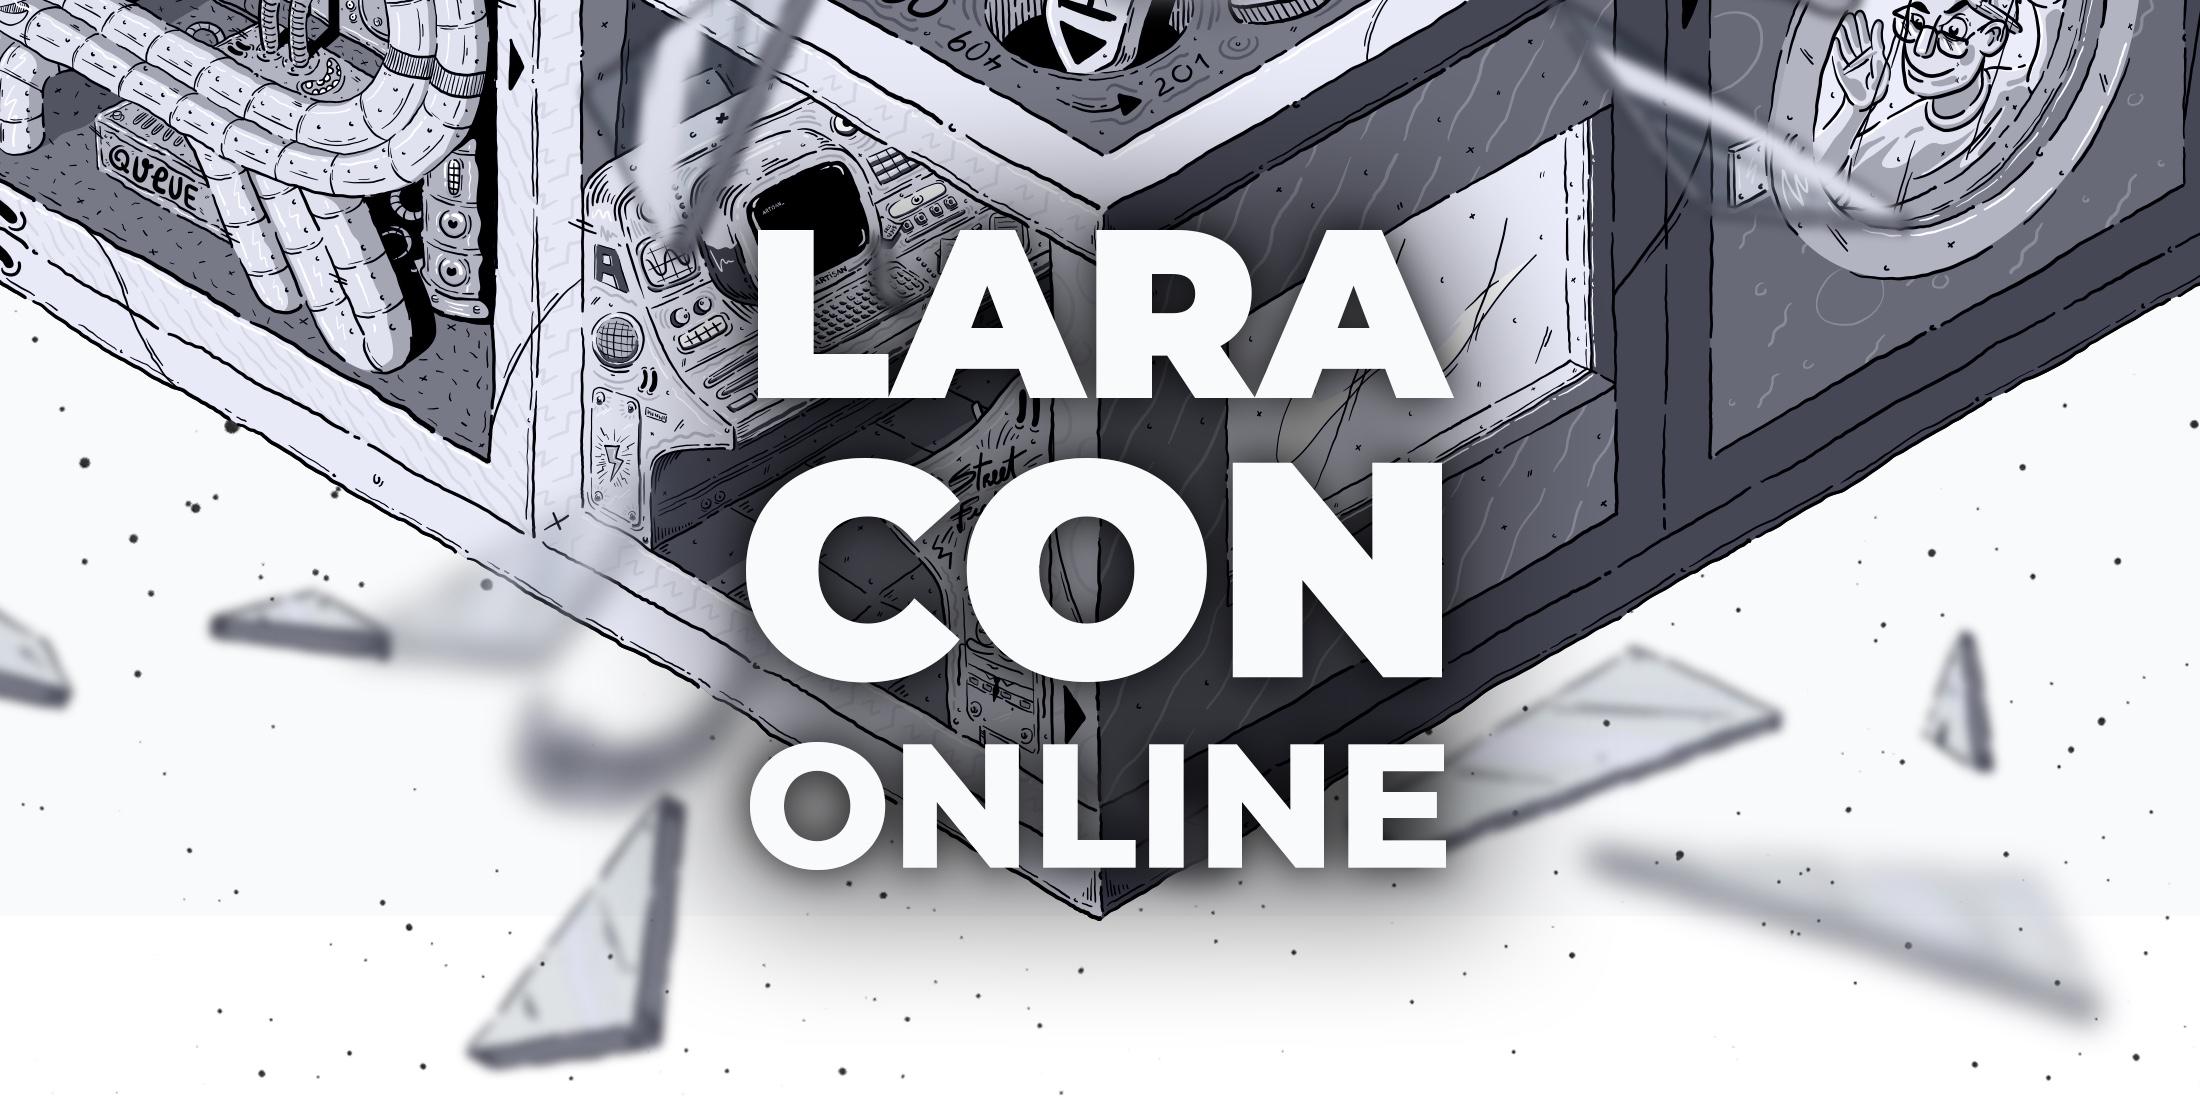 laracon2021-leader-1615913595-1617366380.jpg